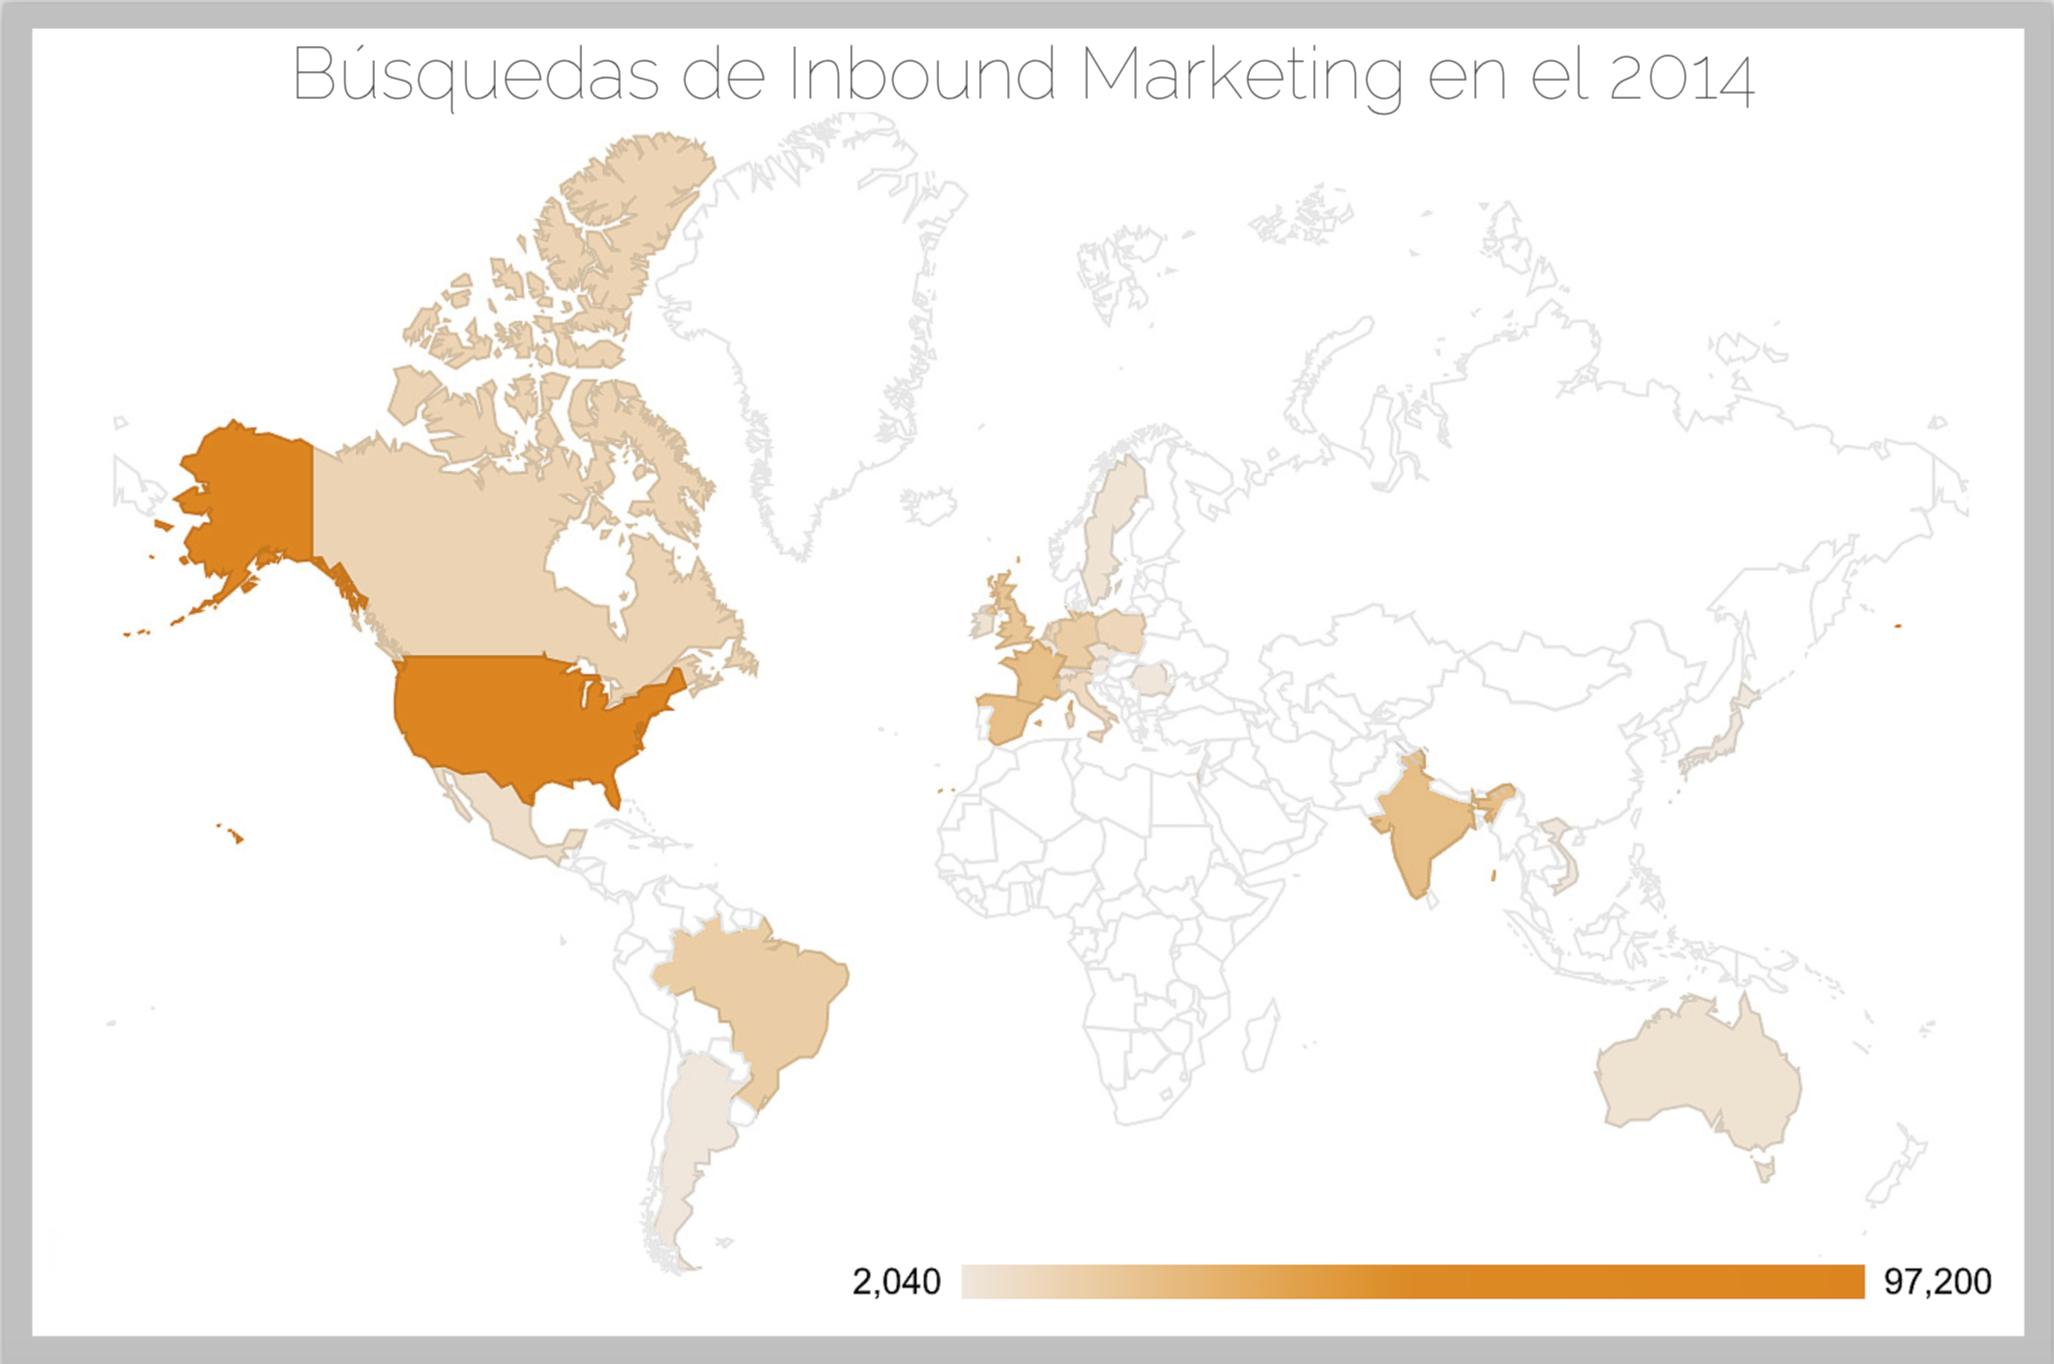 Búsquedas-Inbound-Marketing